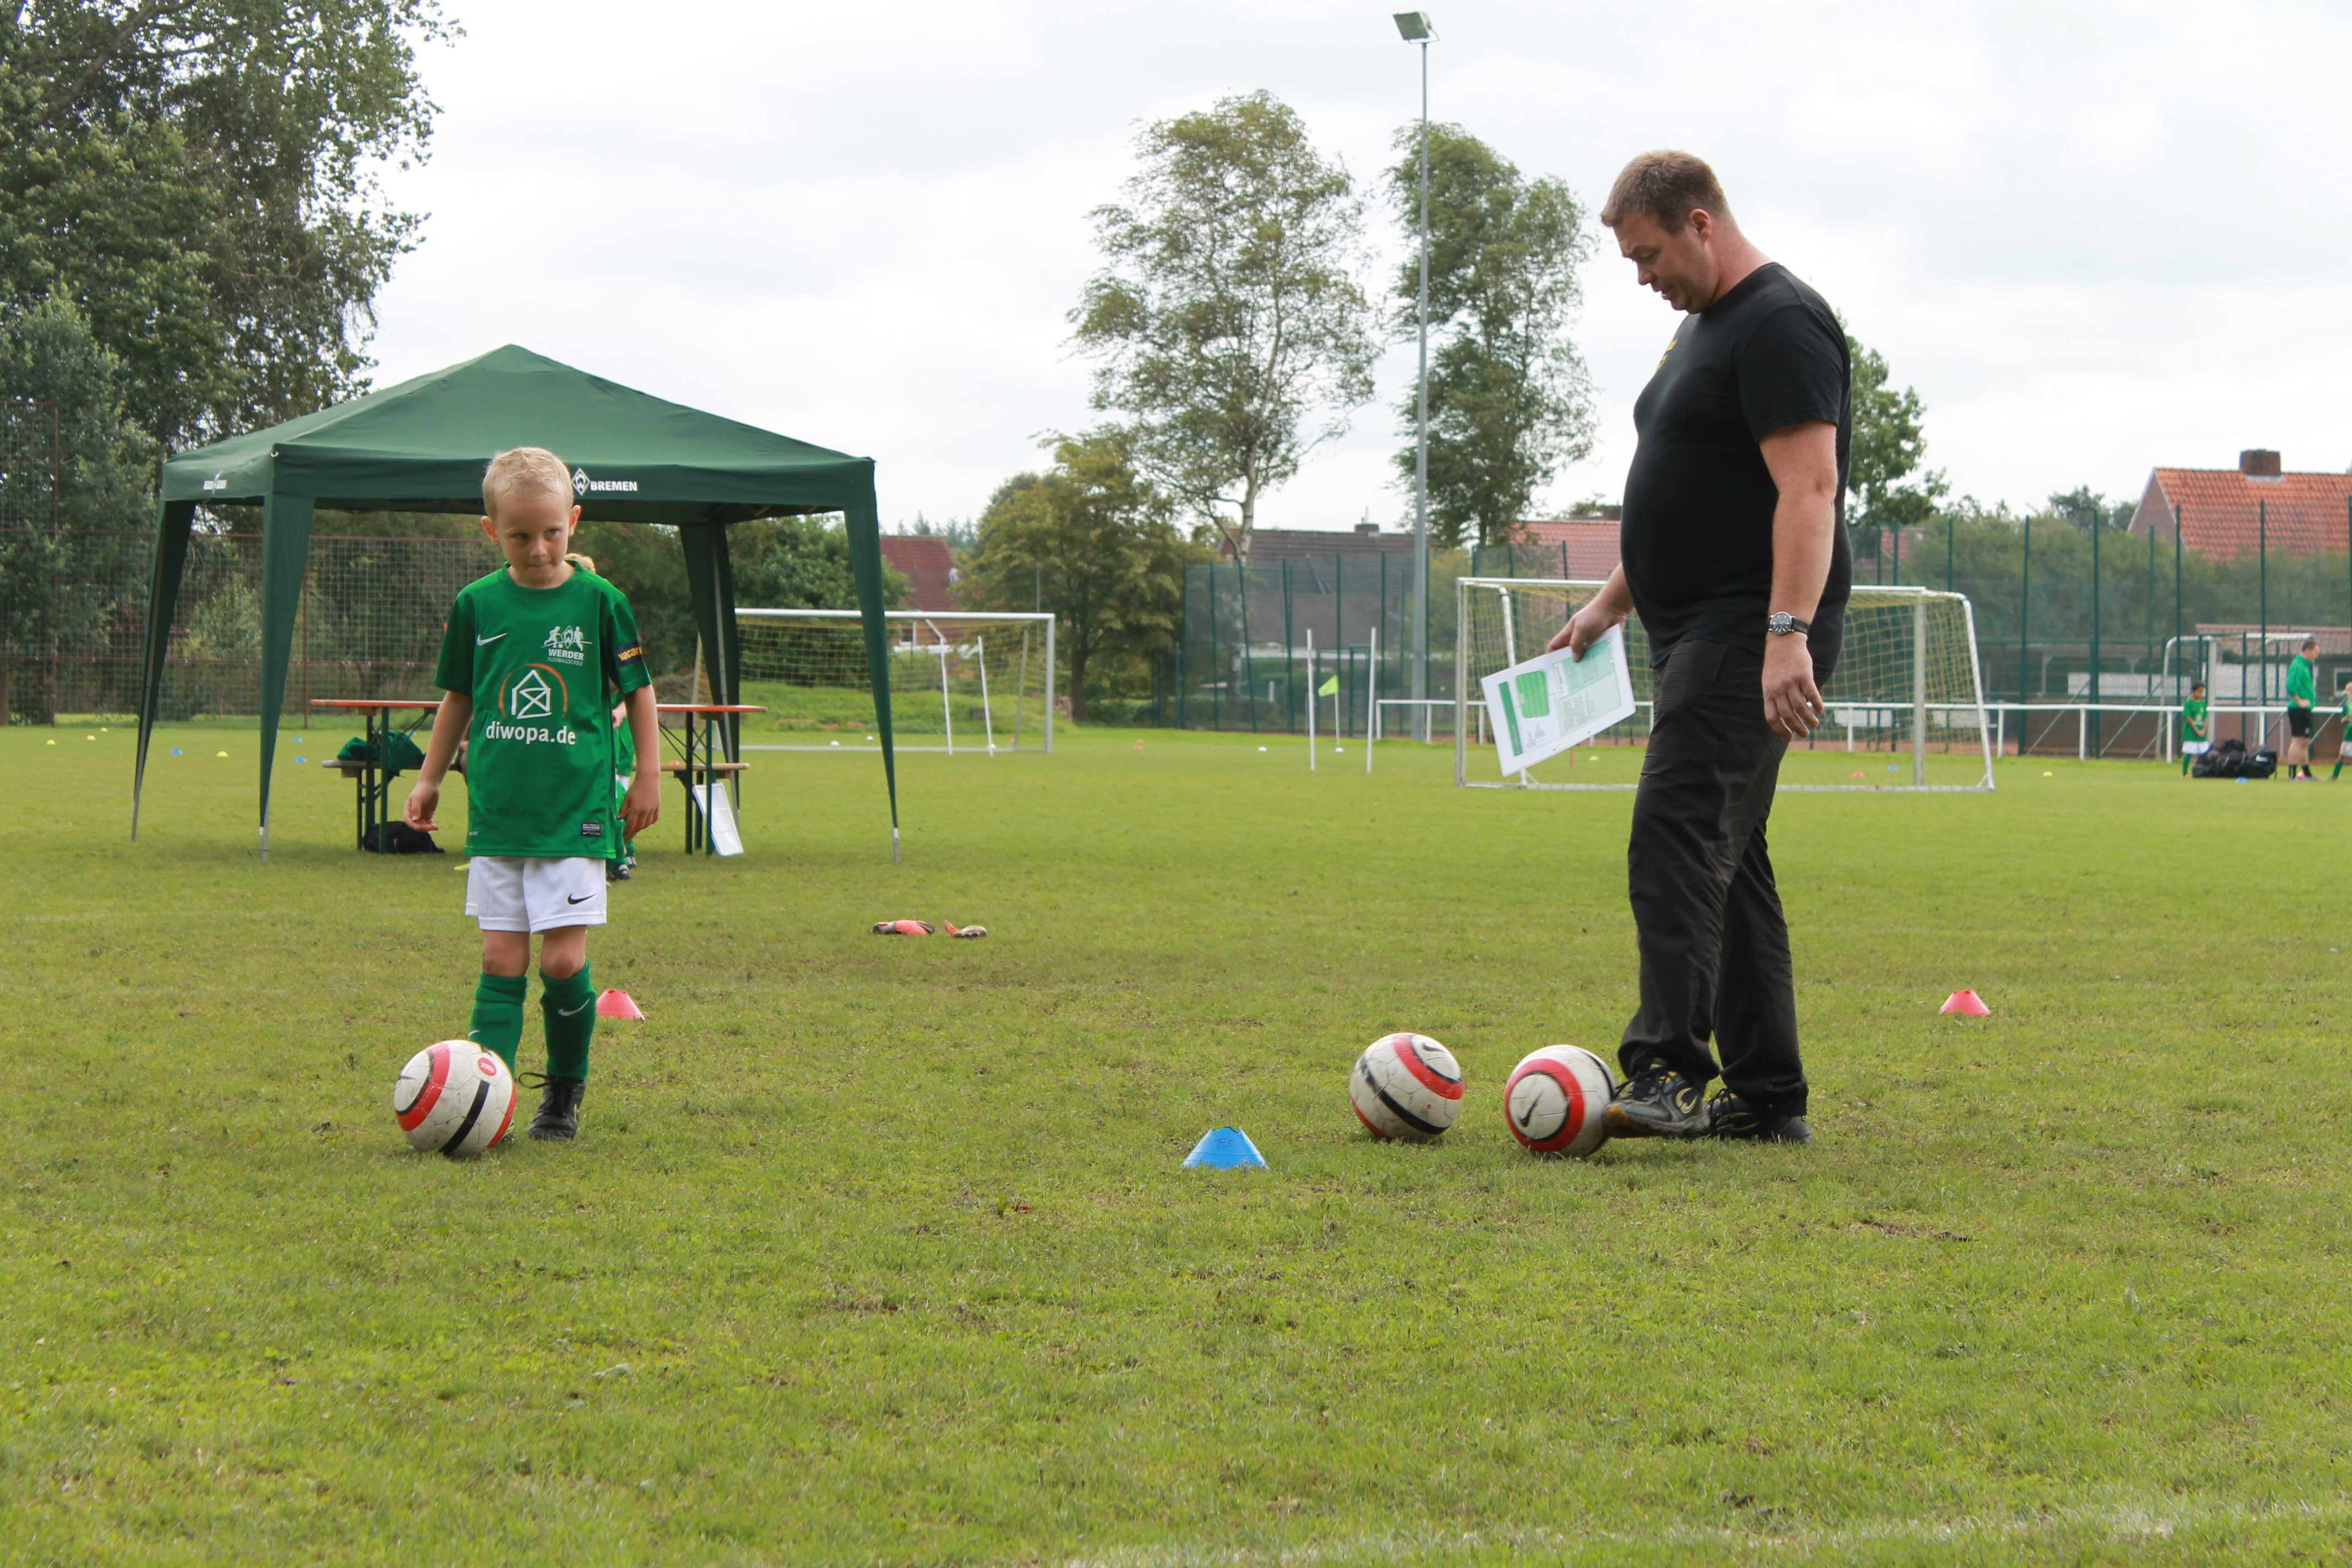 2016-08-13 Werder CAMPontour - Samstag (28)